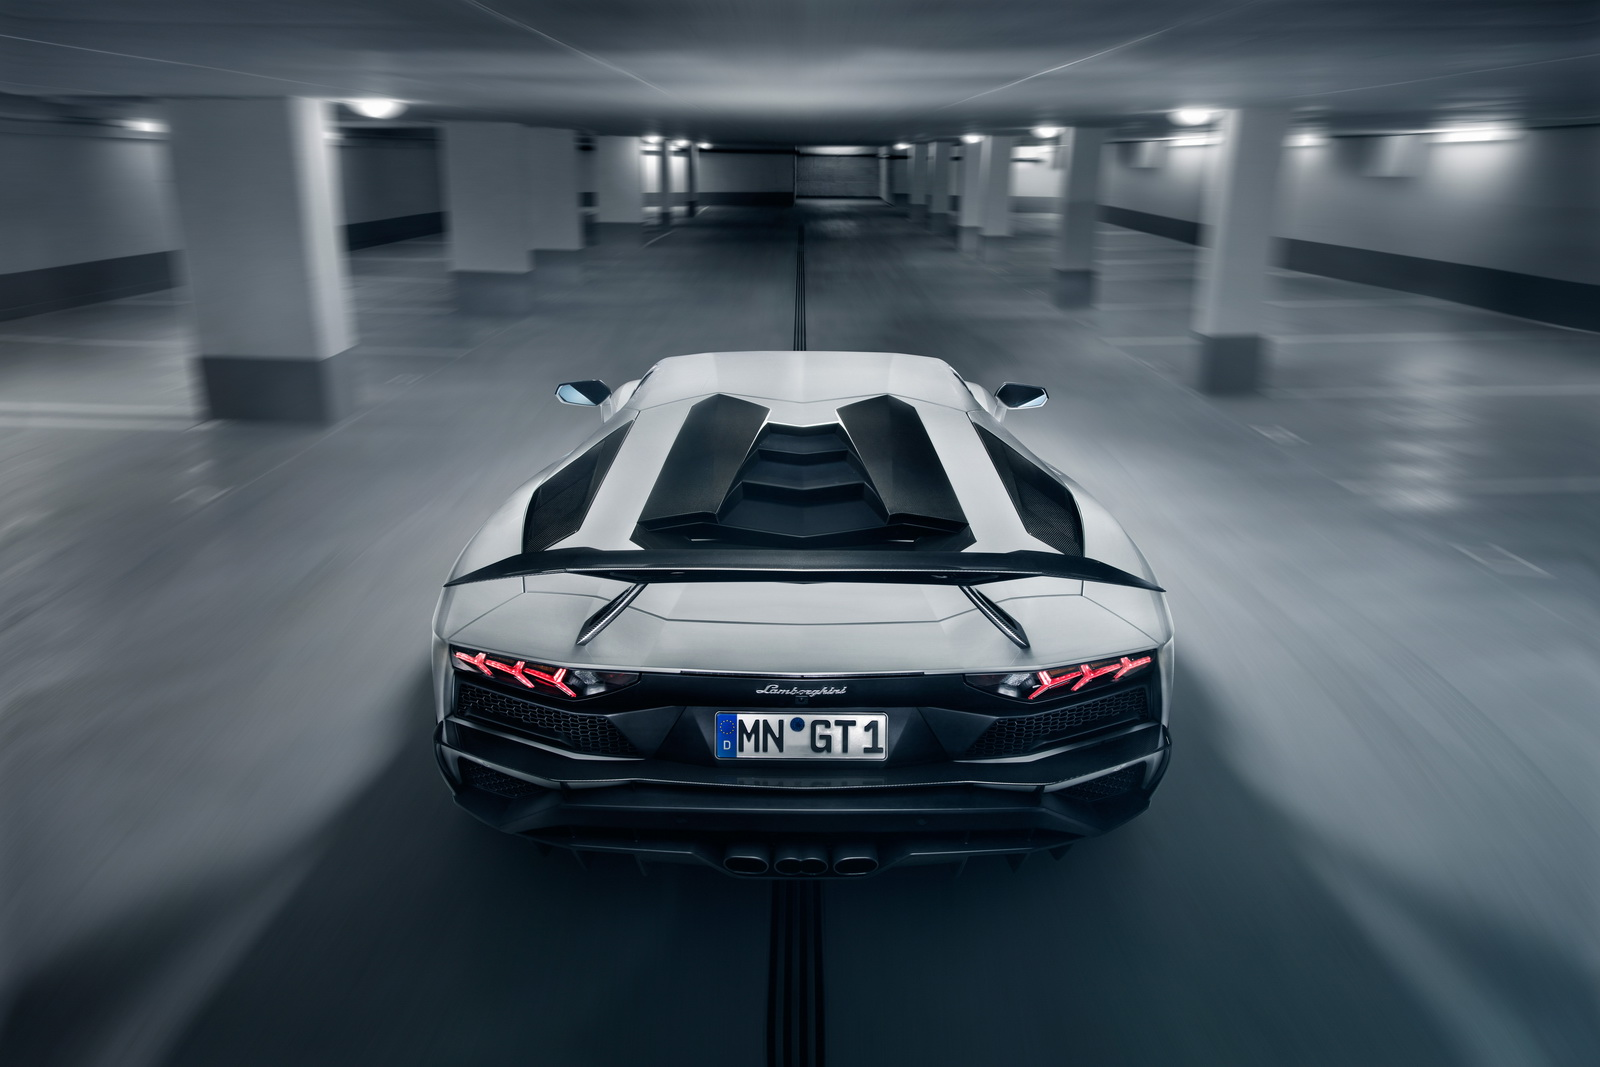 Lamborghini_Aventador_S_by_Novitec_0003